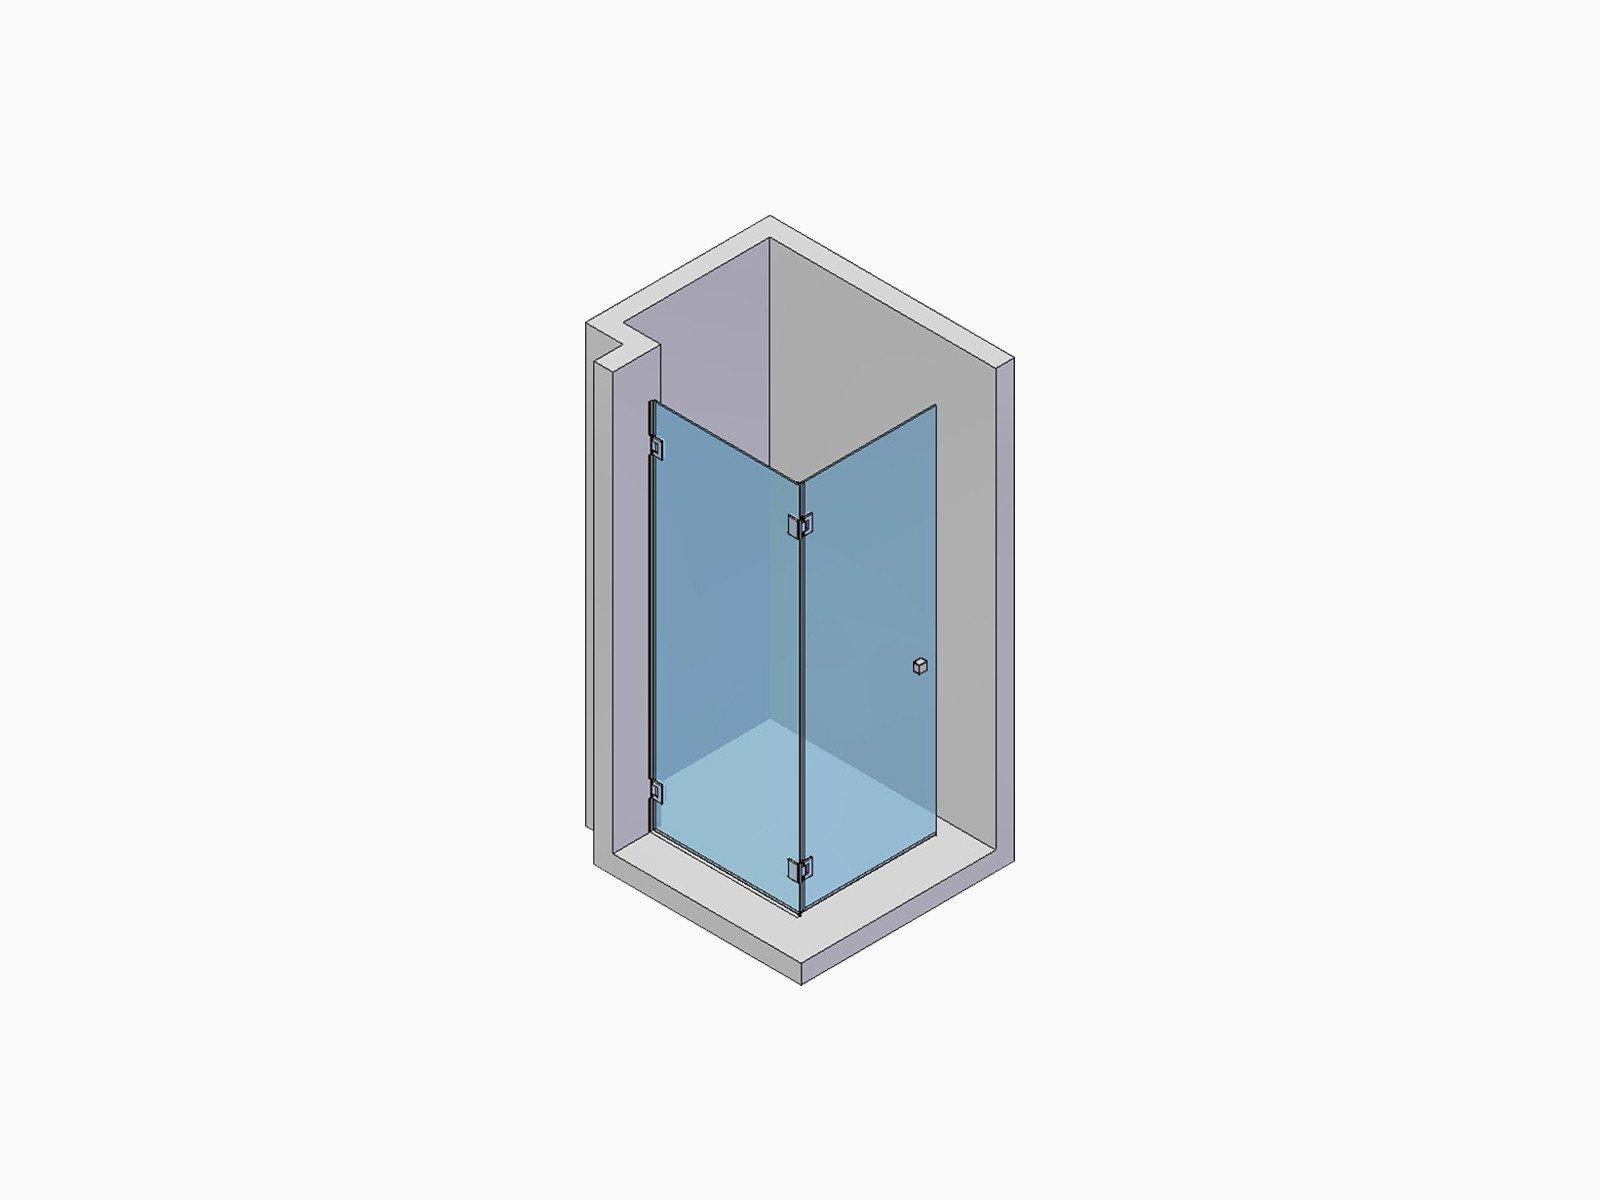 einbausituation-einer-eckdusche-mit-zwei-faltbaren-elementen